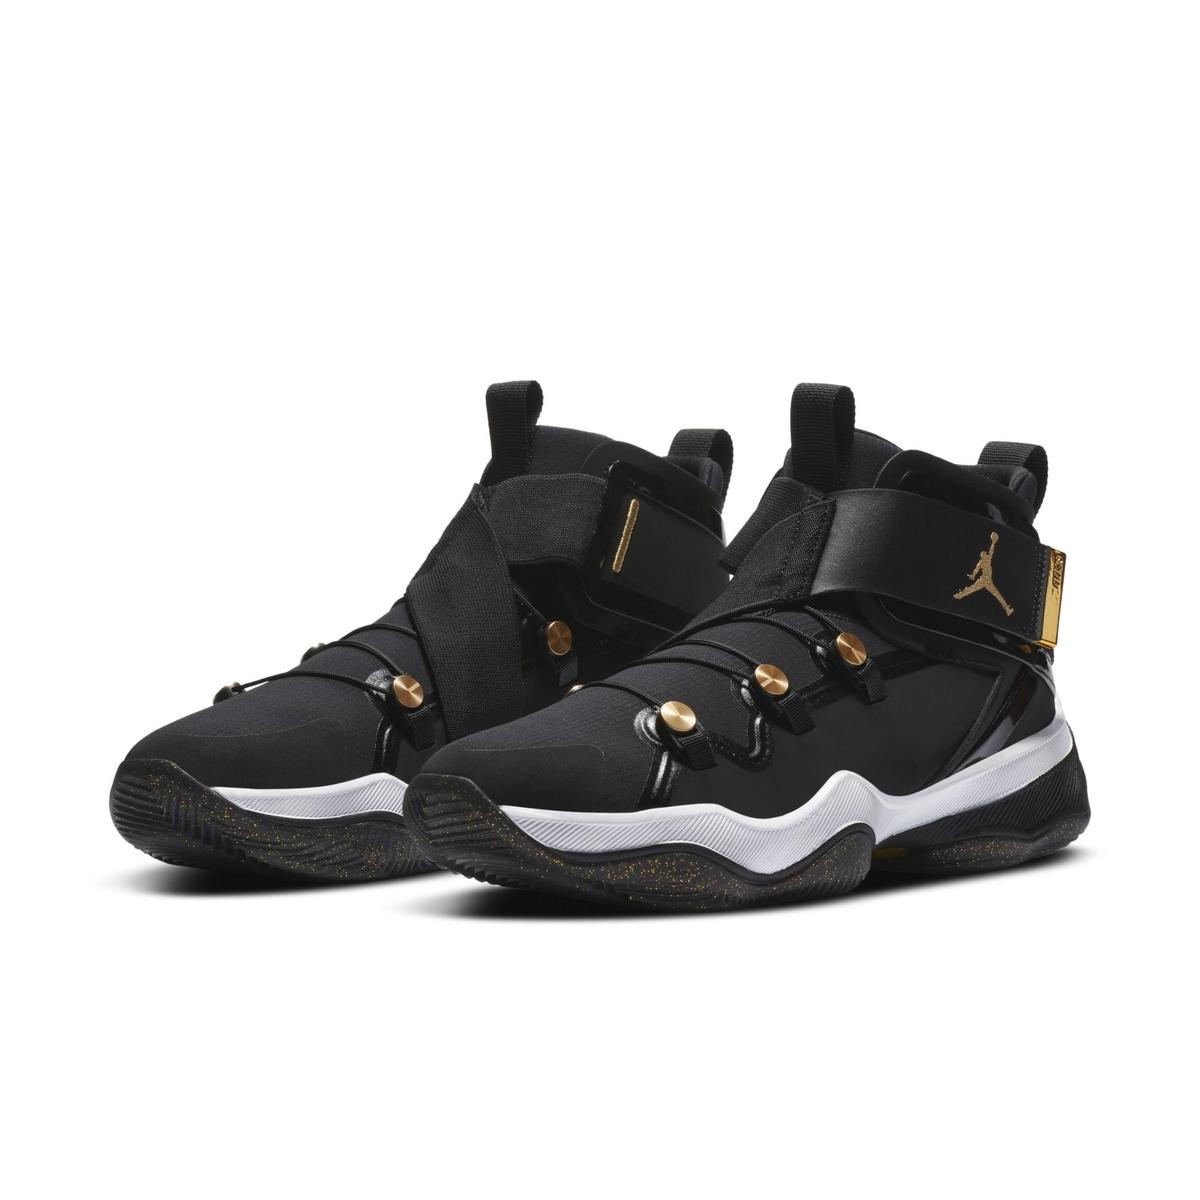 Jordan,AJNT 23  球鞋自带金属保险箱!Jordan 神秘新鞋首次曝光!